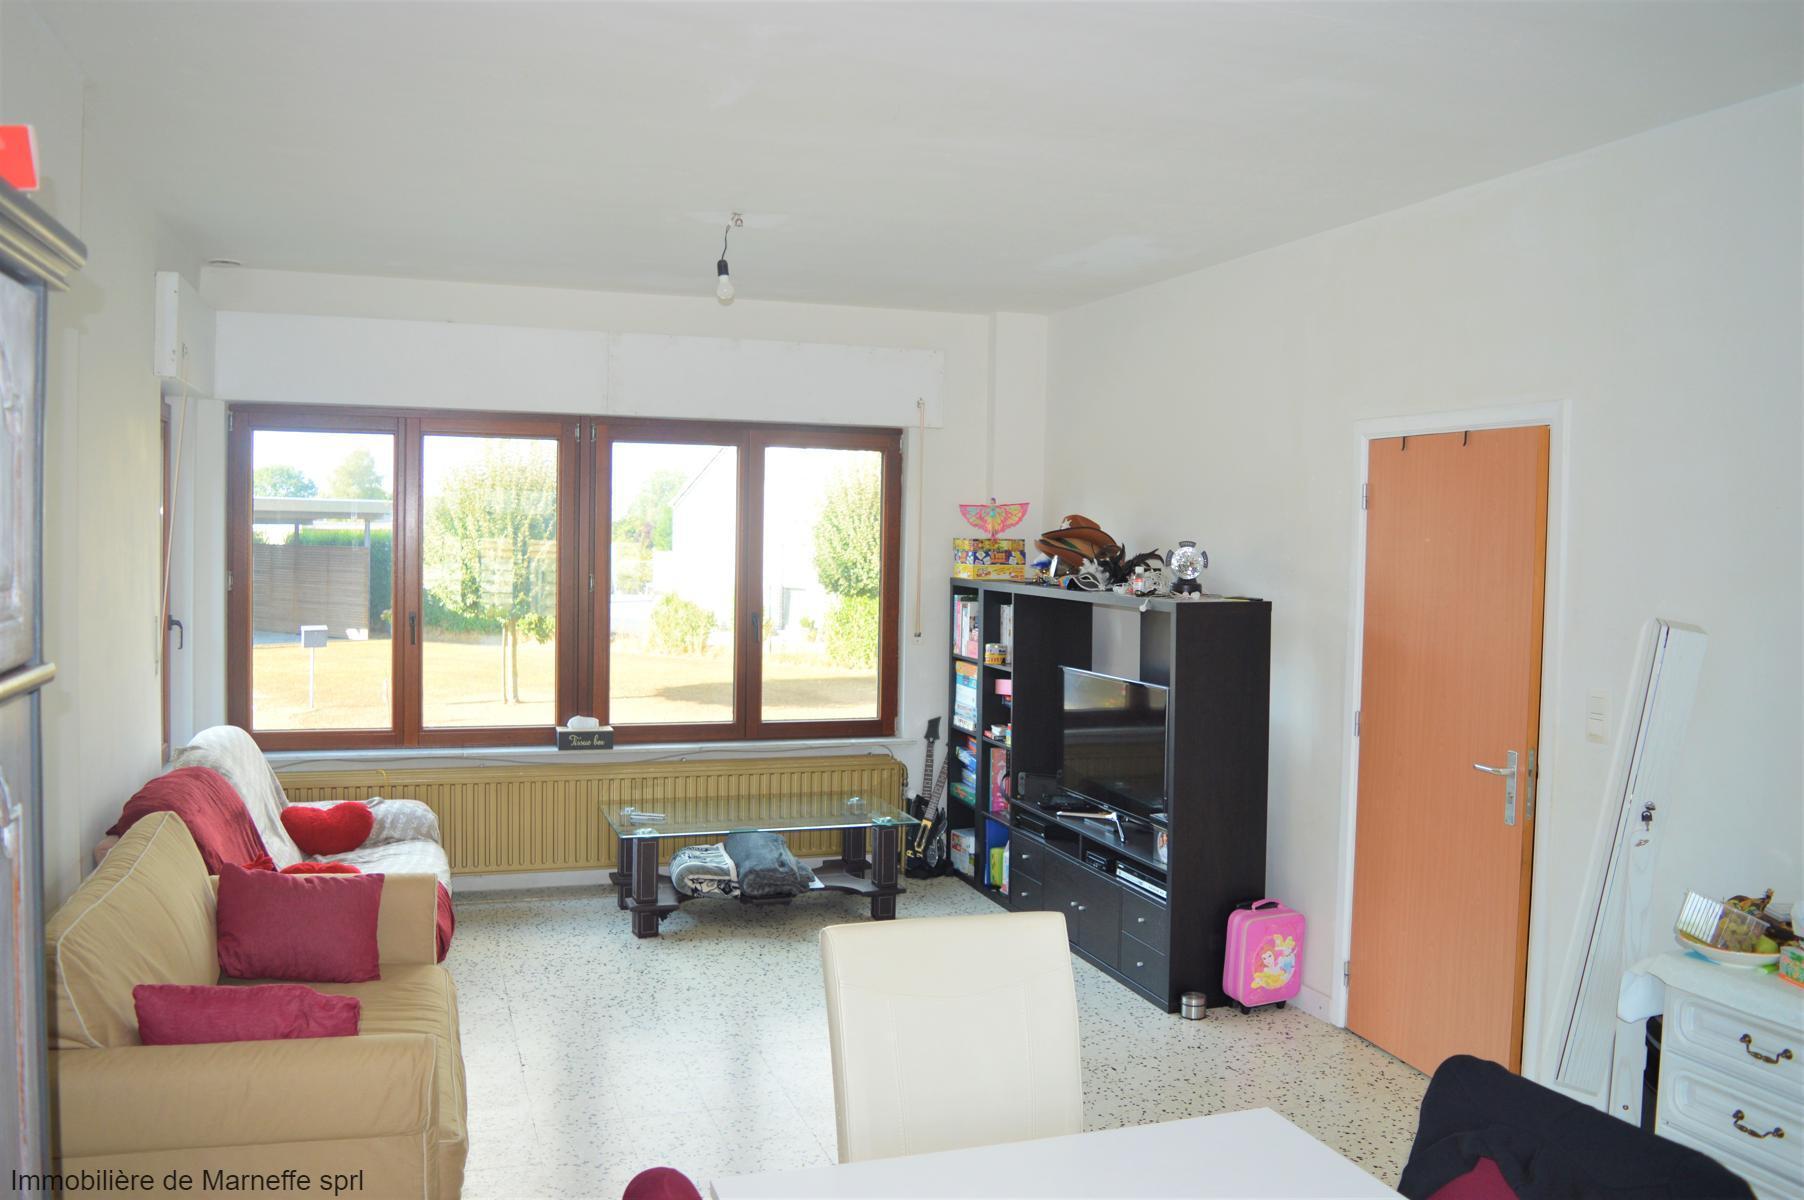 Maison - Verlaine - #4512061-14